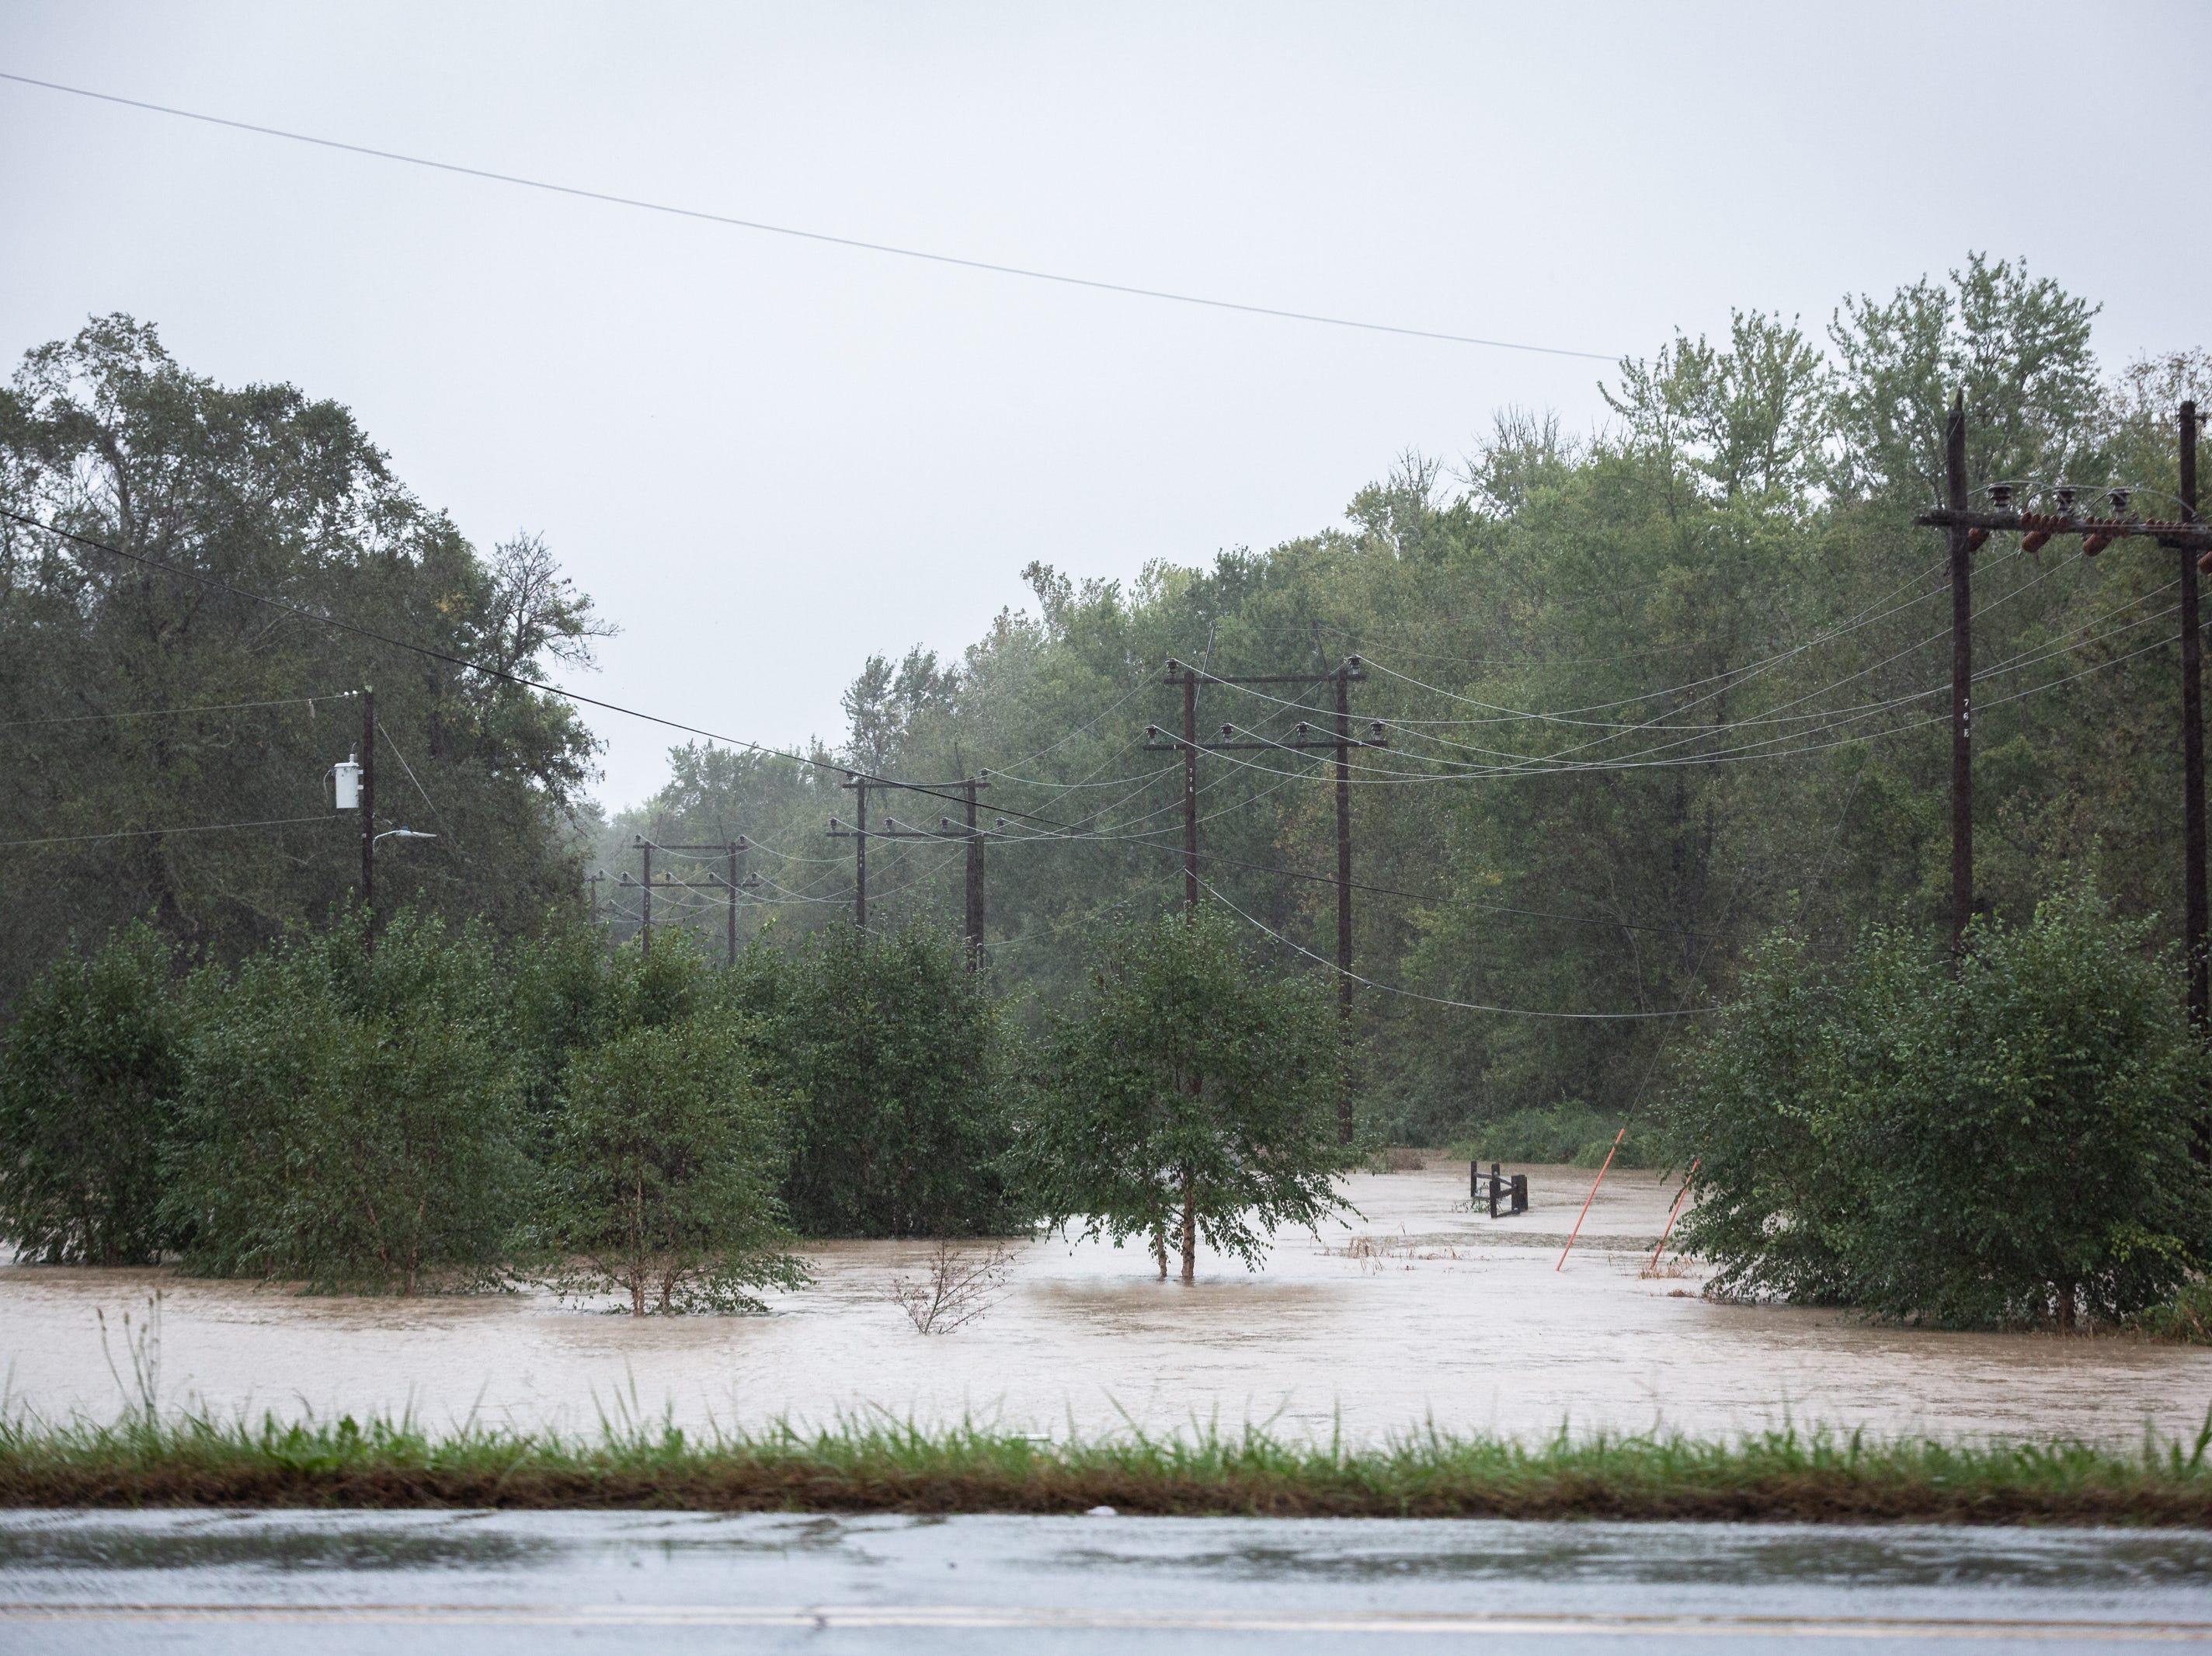 Mud Creek floods low-lying areas on Berkeley Road in Hendersonville, Oct. 11, 2018.